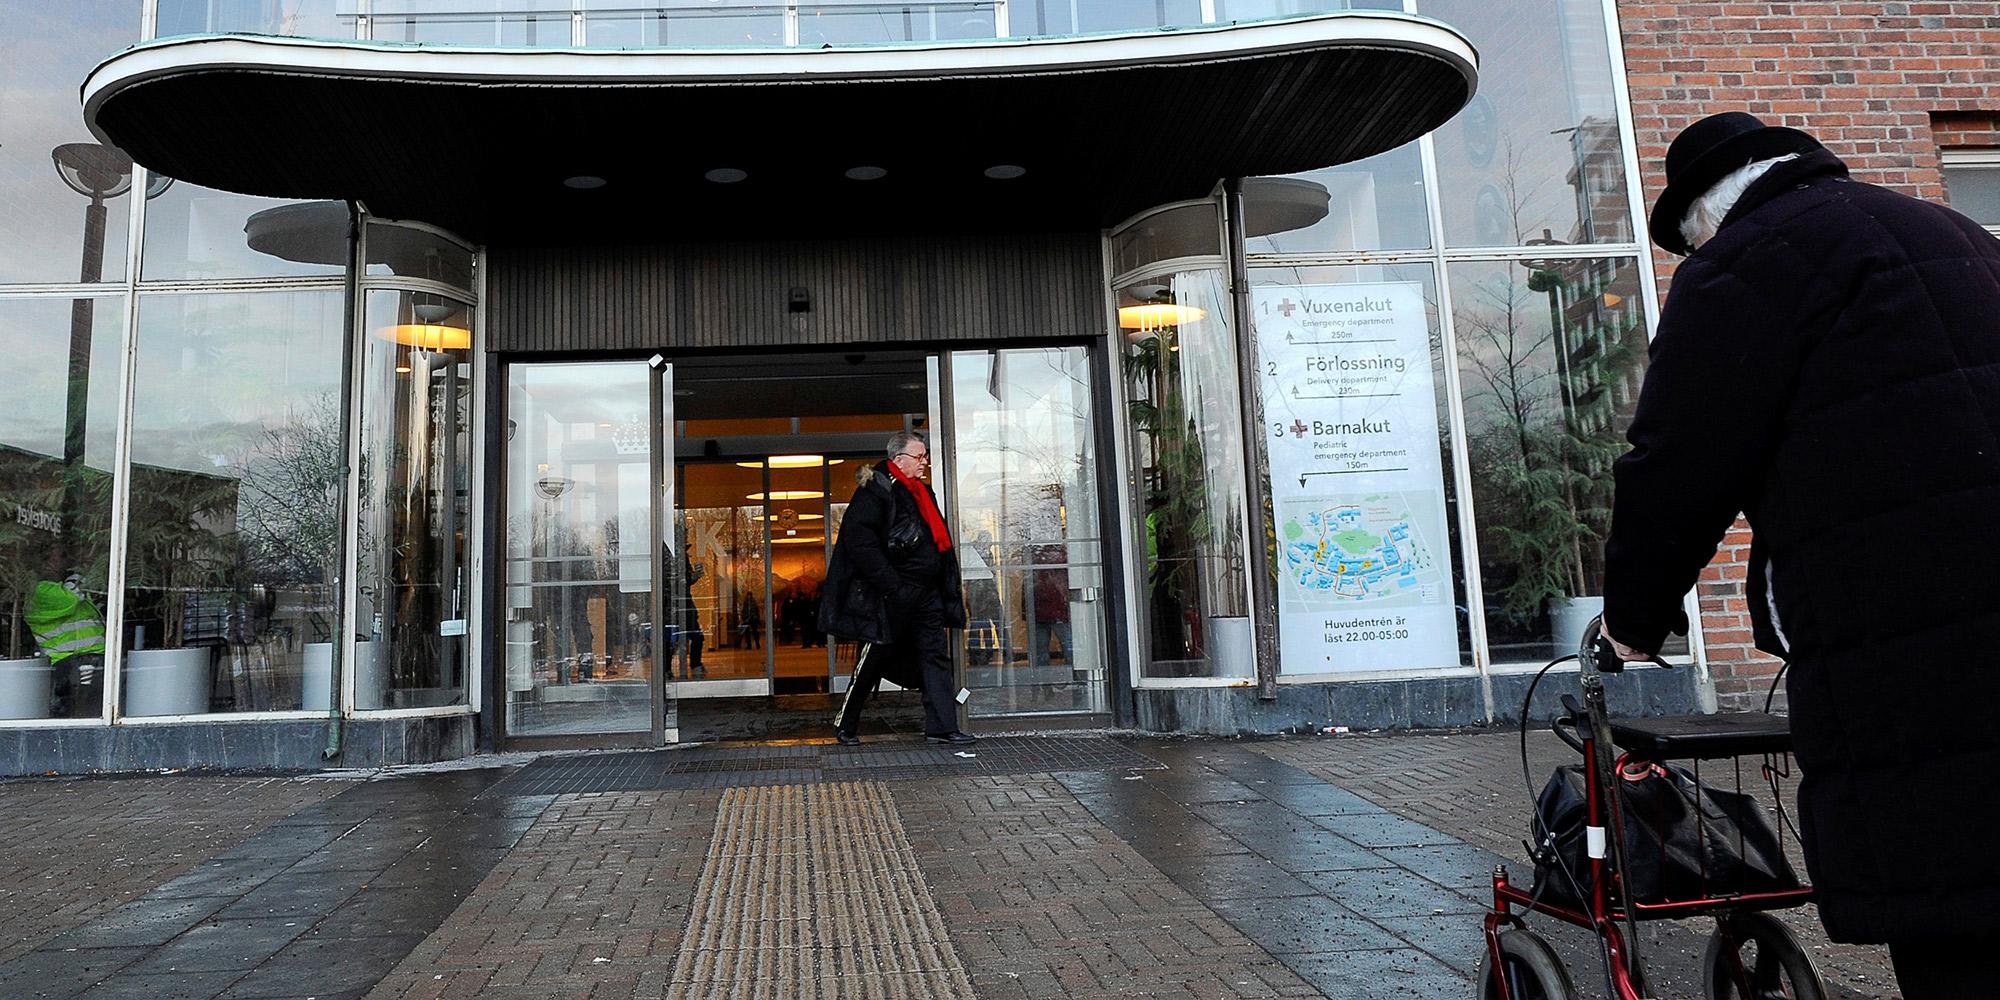 site de rencontre de Göteborg à combien de semaines avez-vous votre datation Scan